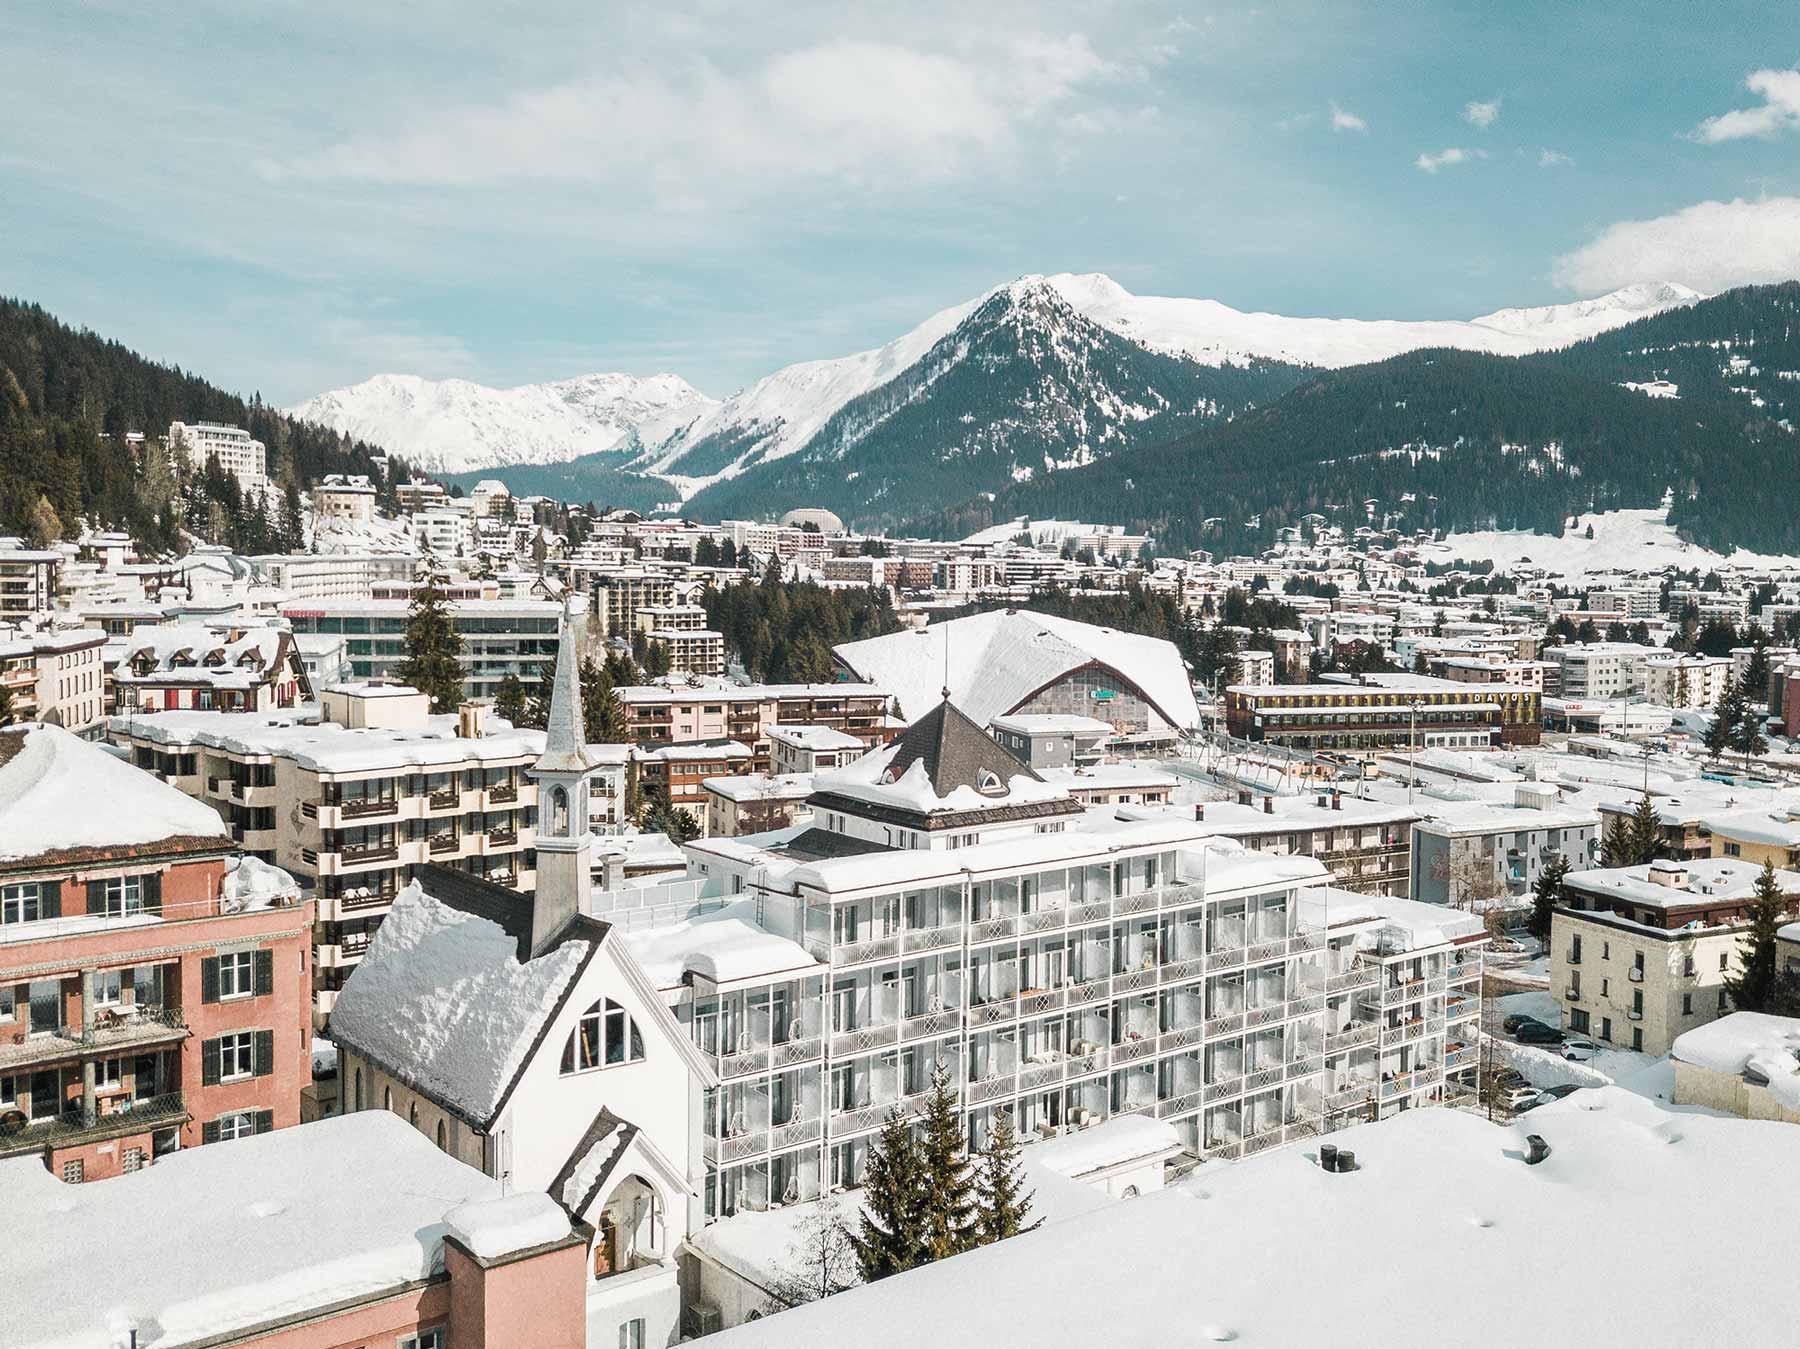 Ferienwohnung Schweiz  header-image-1-new